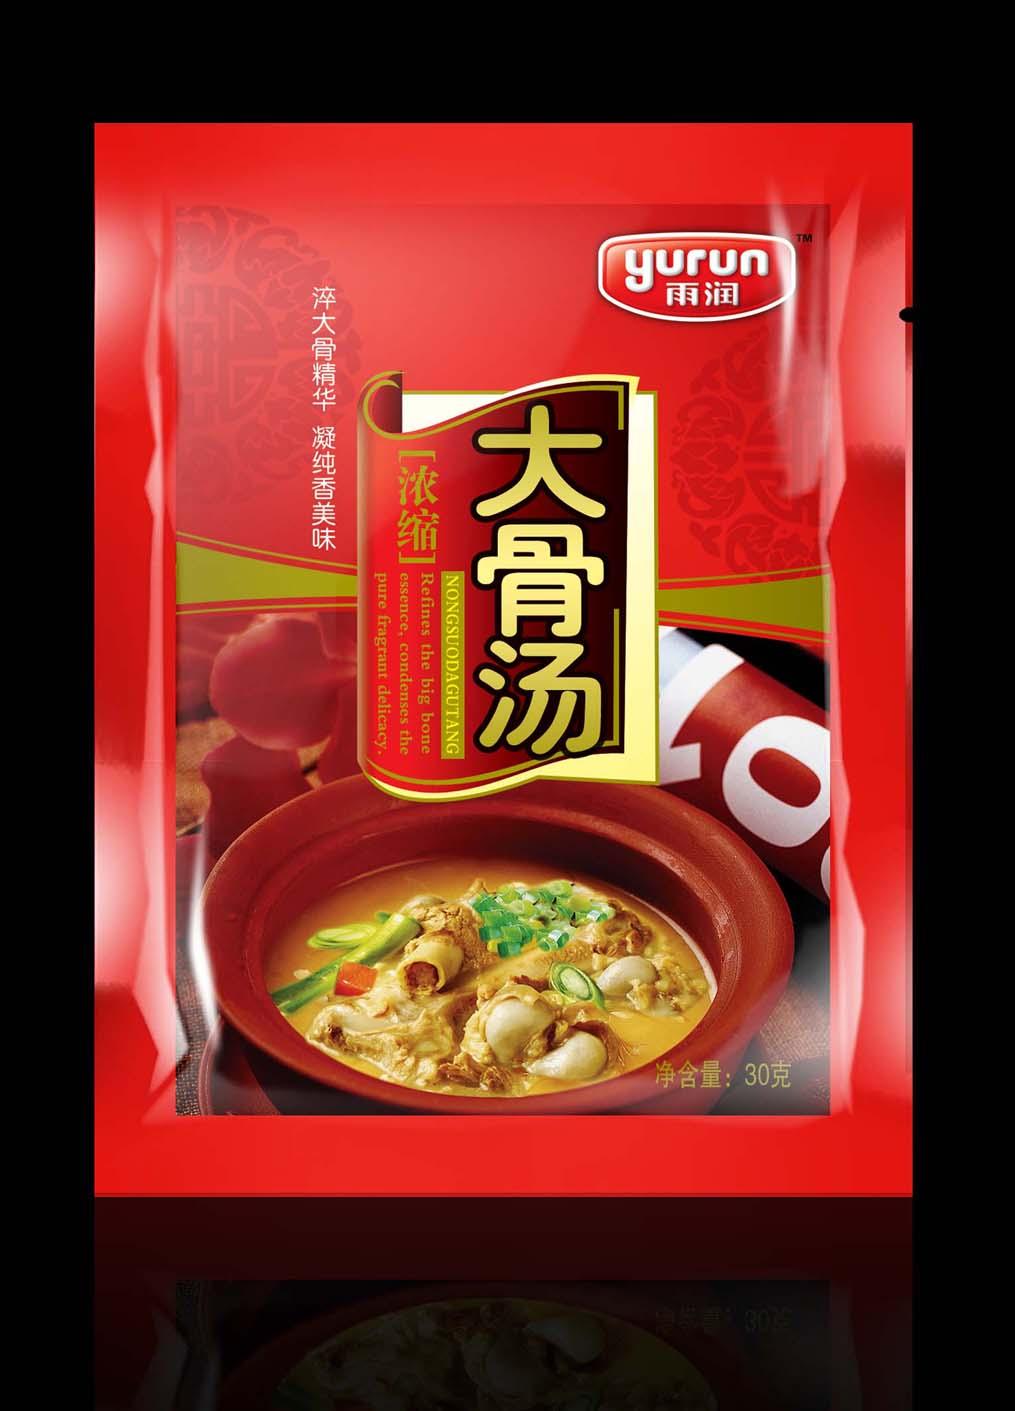 土特产类食品包装 食品零食 原创包装设计 平面区 设计图片